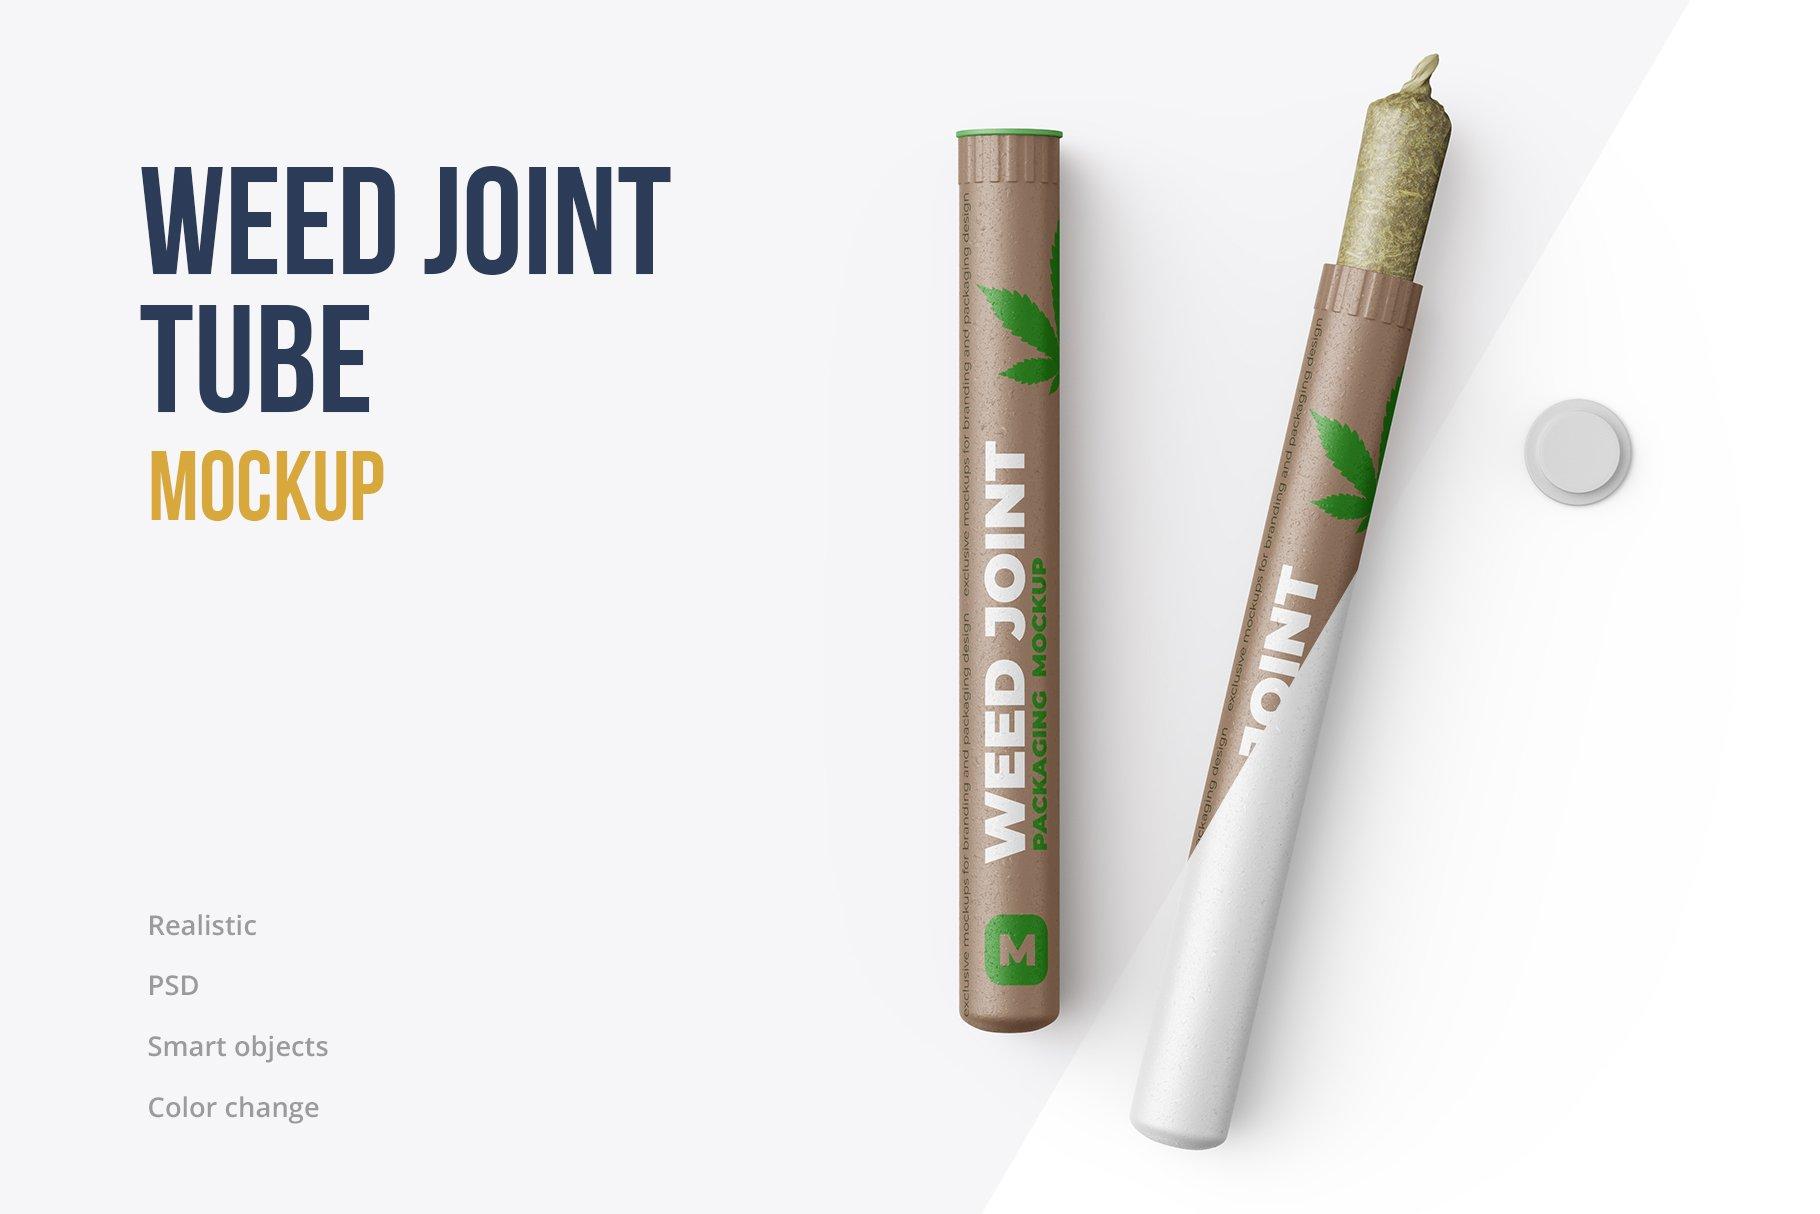 香烟雪茄联合预卷管样机 Weed Joint Pre-Roll Tubes Mockup插图